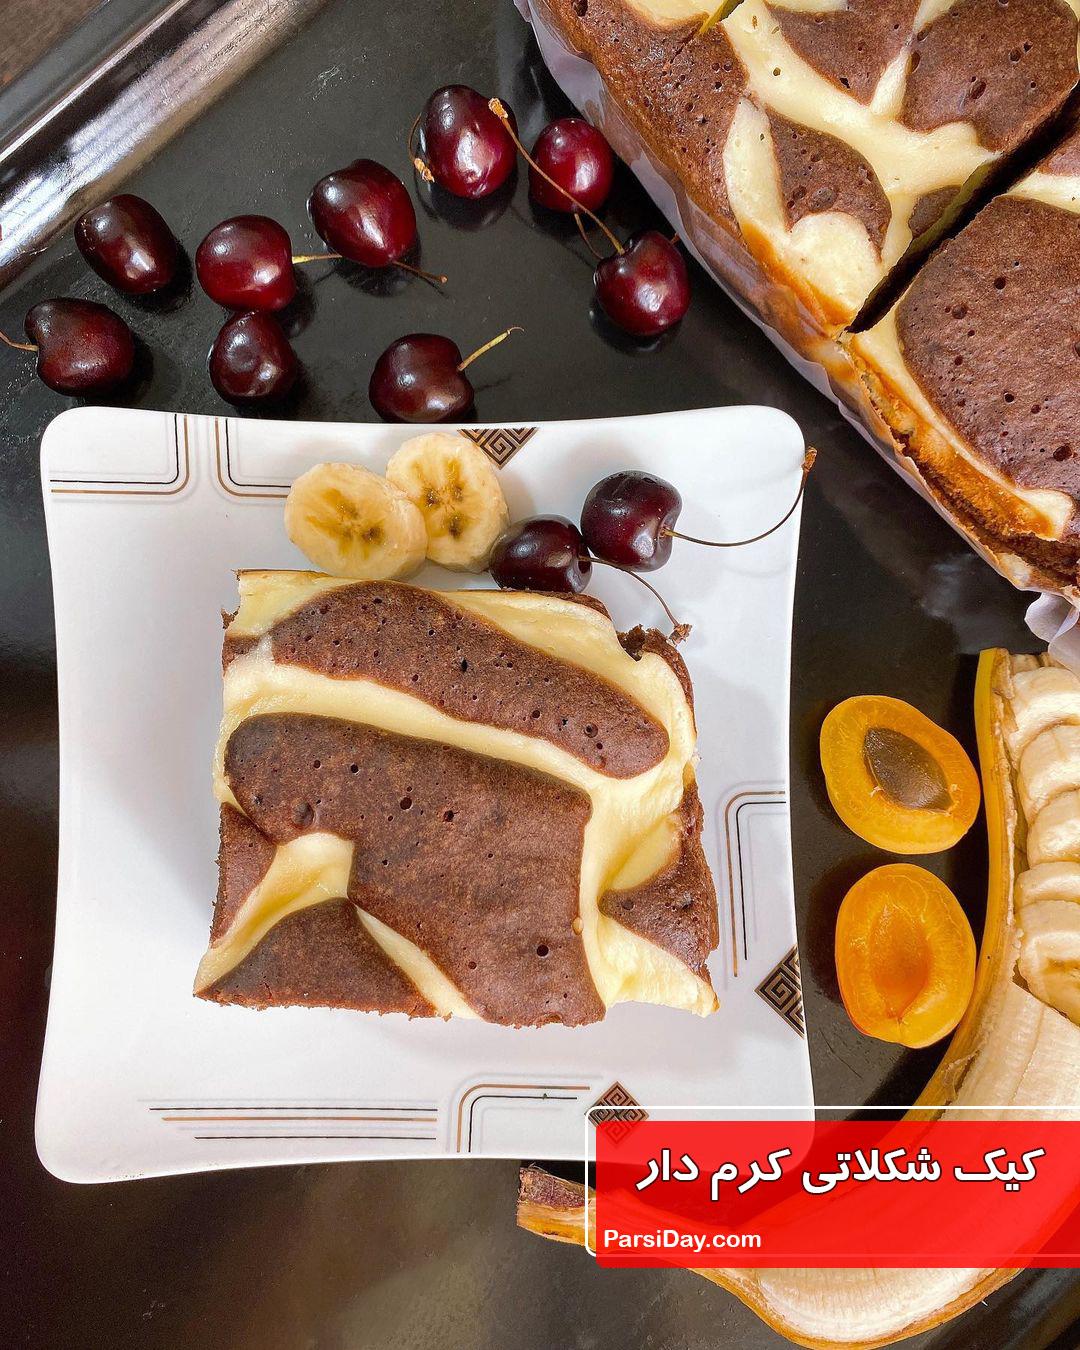 طرز تهیه کیک شکلاتی کرم دار خوشمزه، آسان و مجلسی بدون شیر